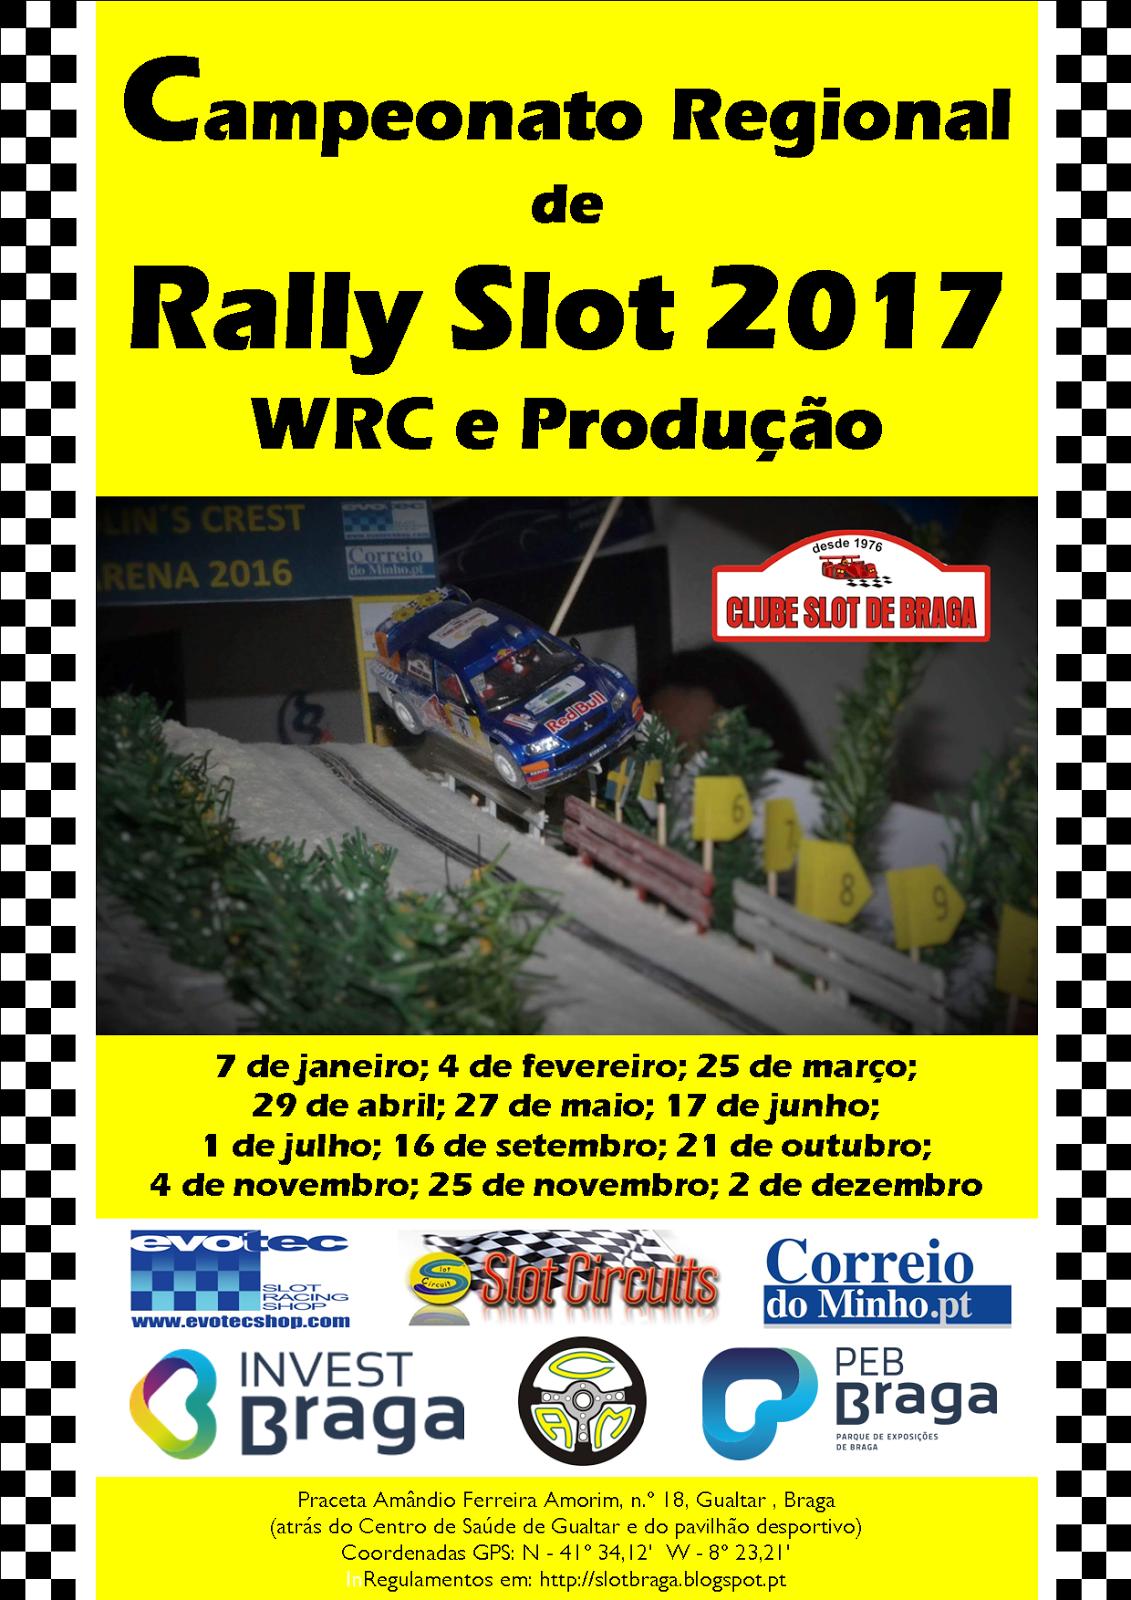 10.ª Prova do Campeonato Regional de Rally Slot 2017